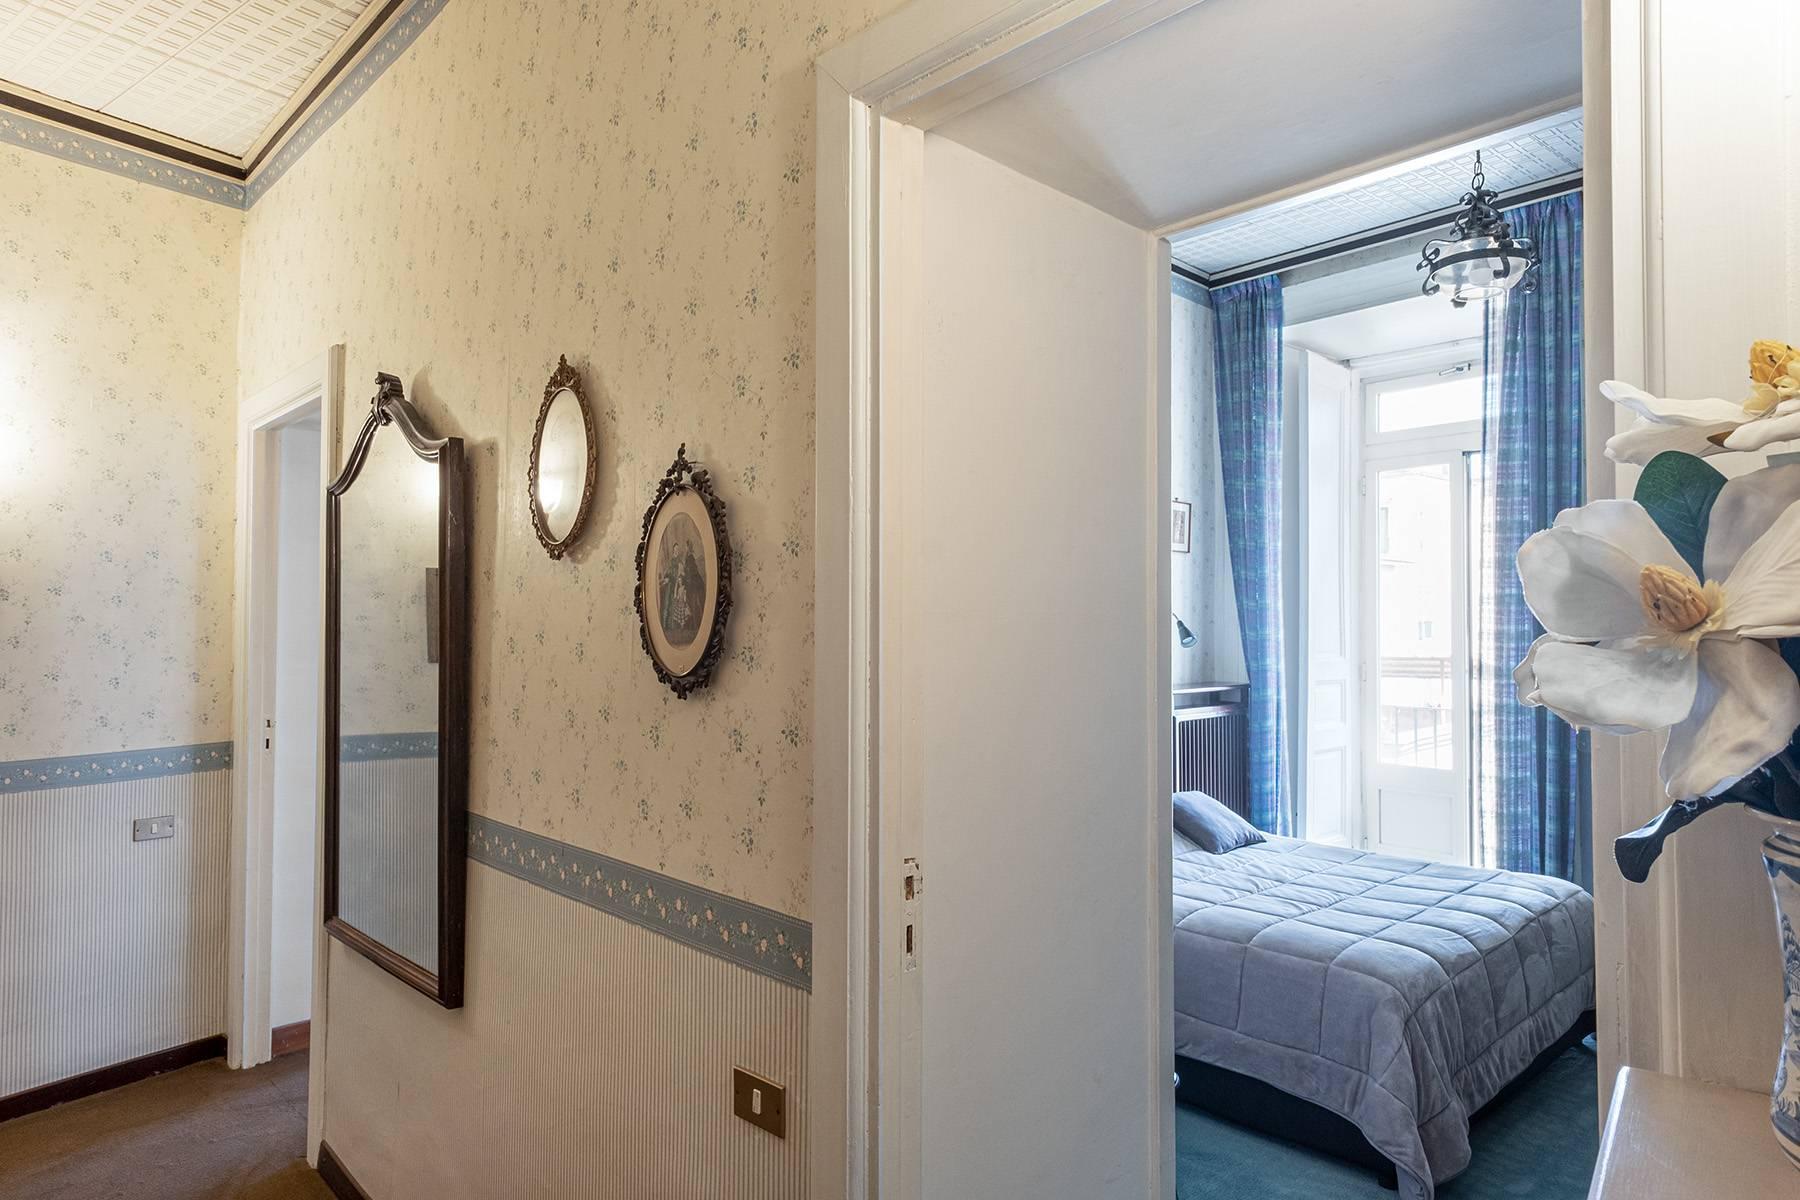 Prächtige repräsentative Wohnung in einer historischen Residenz - 21